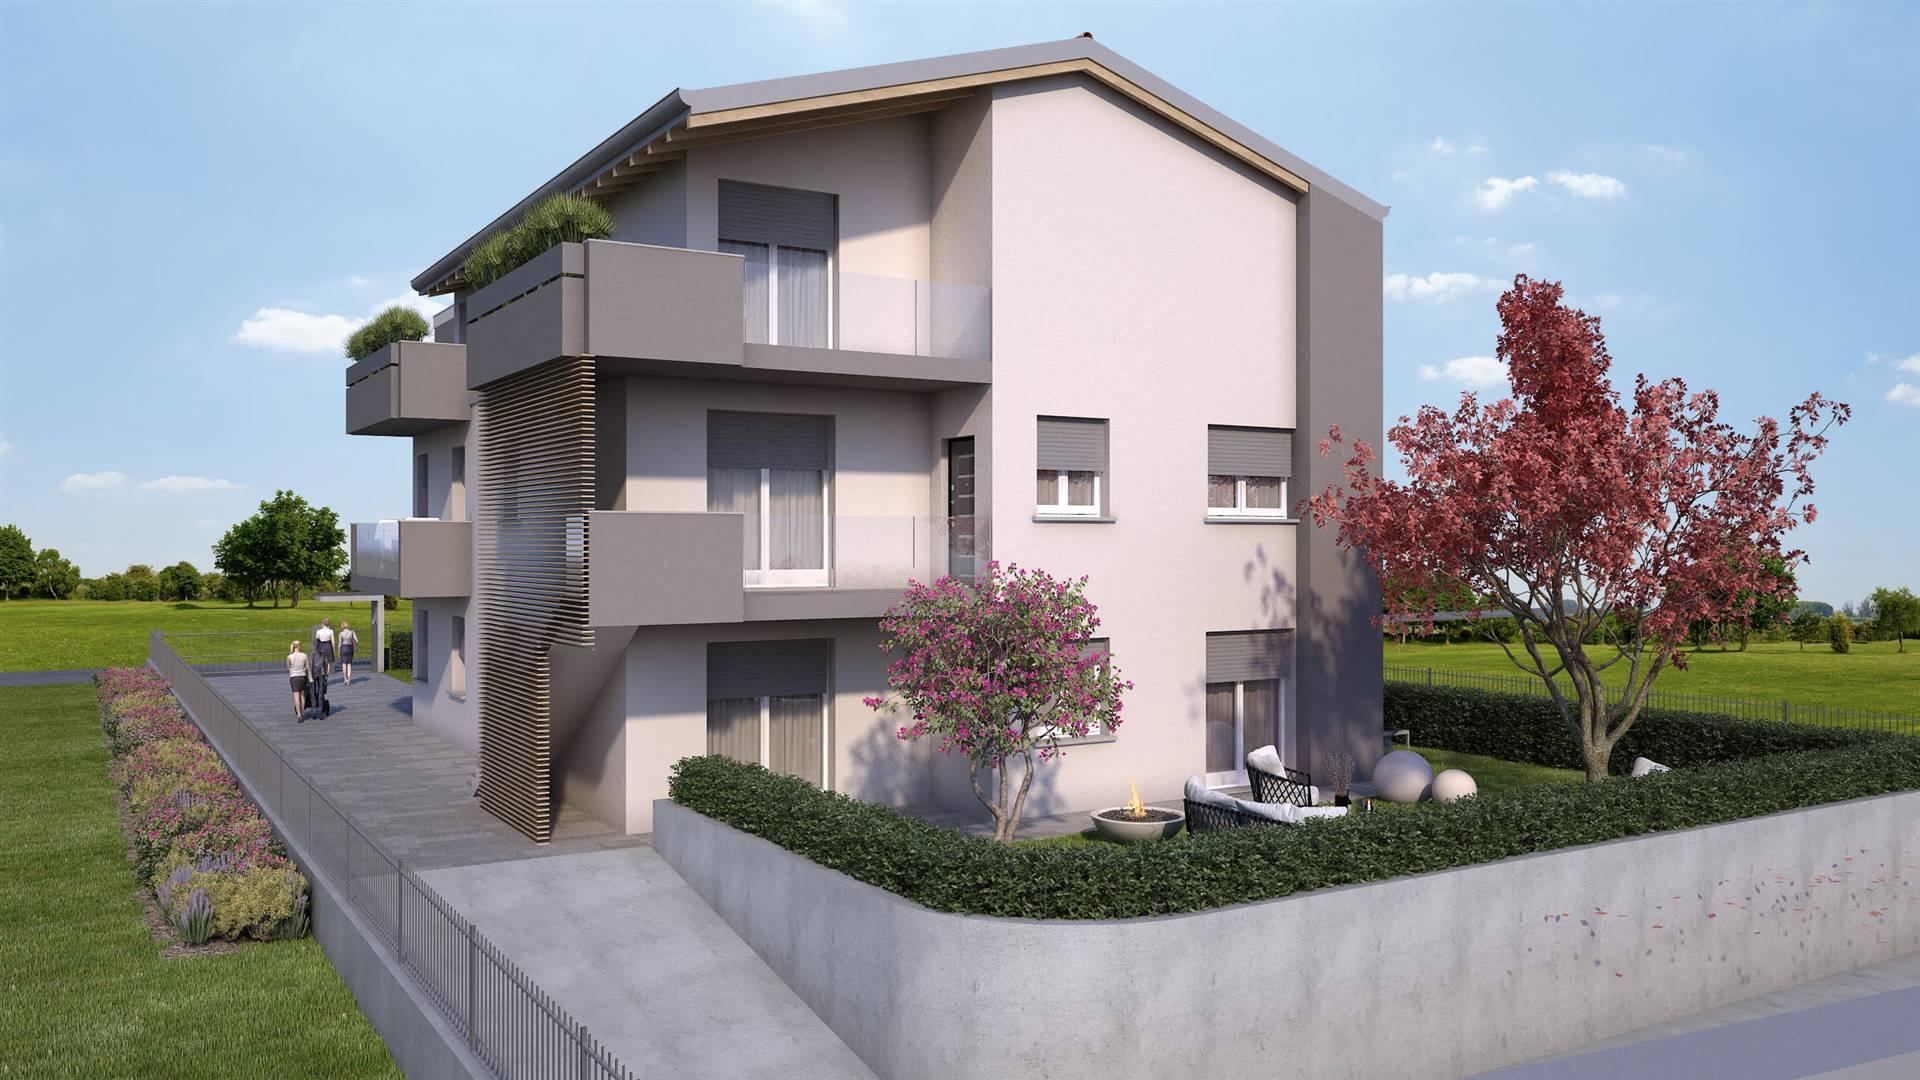 Appartamento trilocale indipendente di nuova costruzione a Osio Sopra. L' appartamento è posto al piano primo in un contesto di sole 5 unità. E'